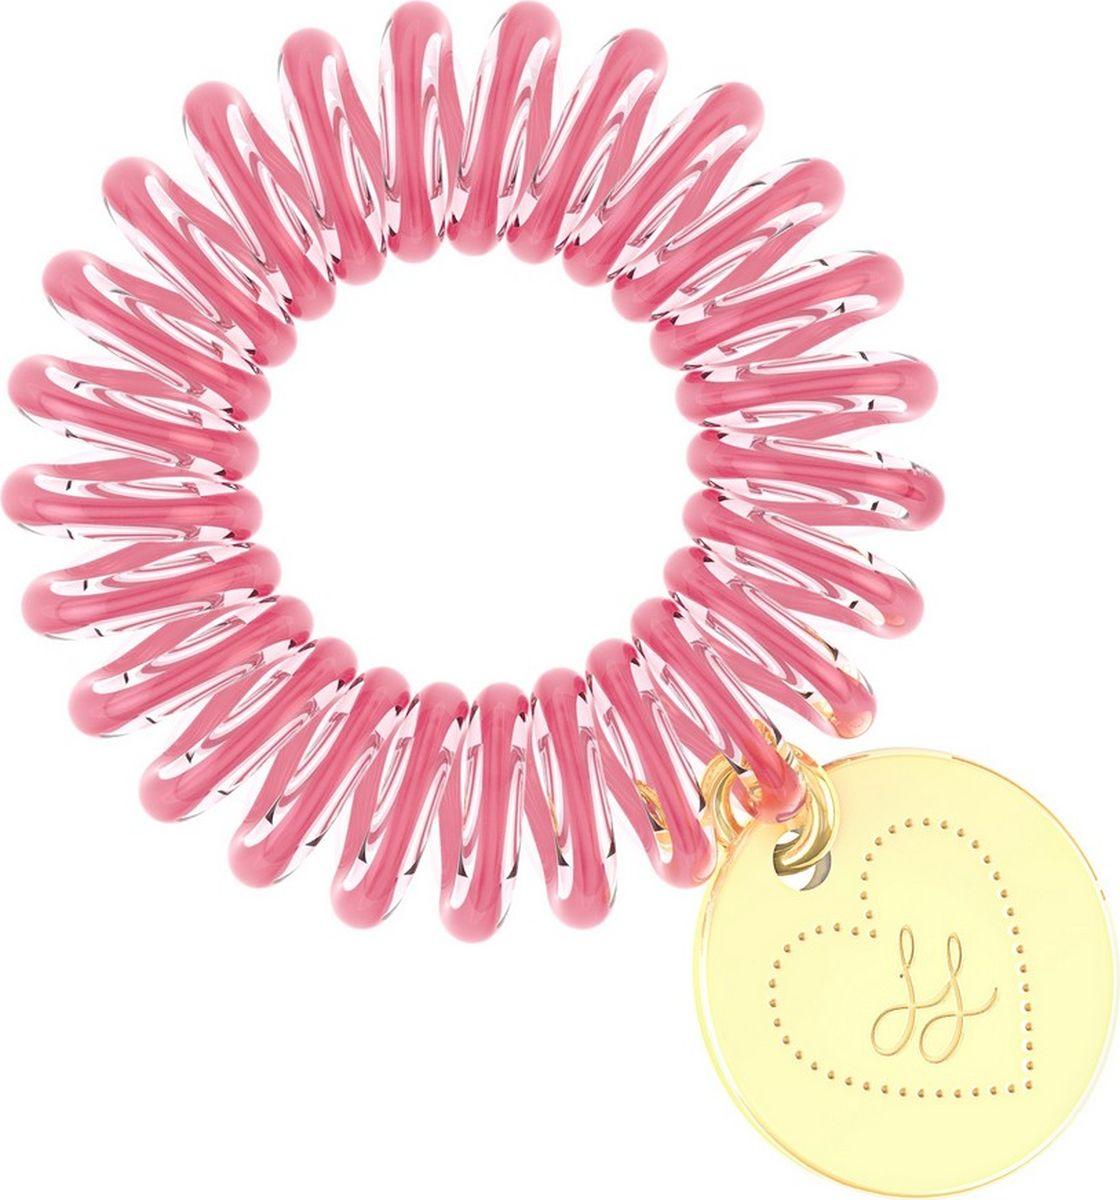 Invisibobble Резинка-браслет для волос ORIGINAL Lisa & Lena3073Лимитированная модель invisibobble лилово-розового оттенка выпущена в коллаборации со знаменитыми молодежными блогерами Lisa & Lena. Резинку-браслет украшает подвеска золотого цвета с выгравированными инициалами LL - символом лучших друзей. Резинки-браслеты invisibobble подходят для всех типов волос, надежно фиксируют прическу, не оставляют заломы и не вызывают головную боль. Кроме того, они не намокают и не вызывают аллергию при контакте с кожей, поскольку изготовлены из искусственной смолы.